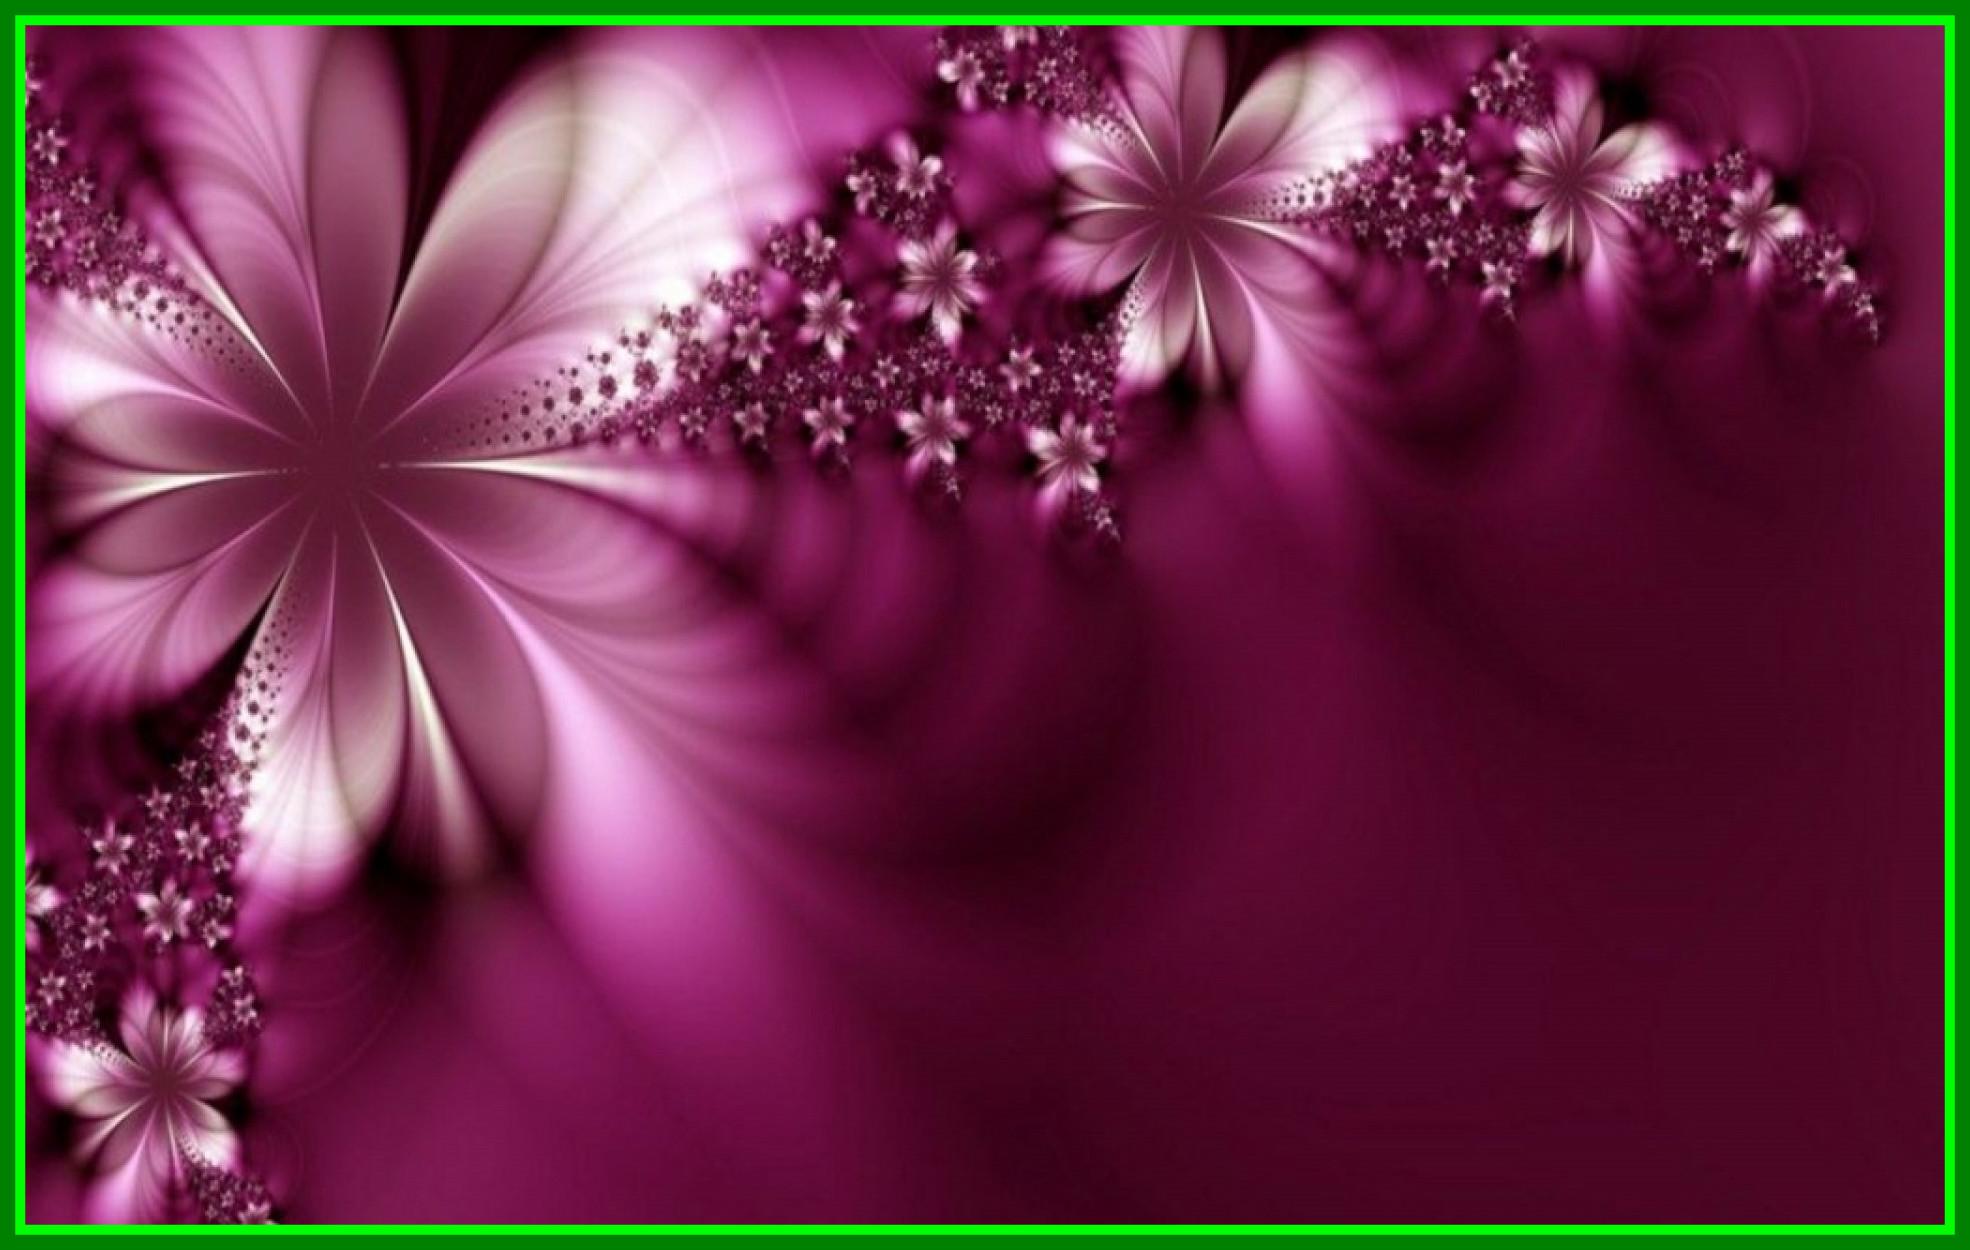 بالصور تنزيل صور جميله , تنزيل اجمل واروع صور 2592 6